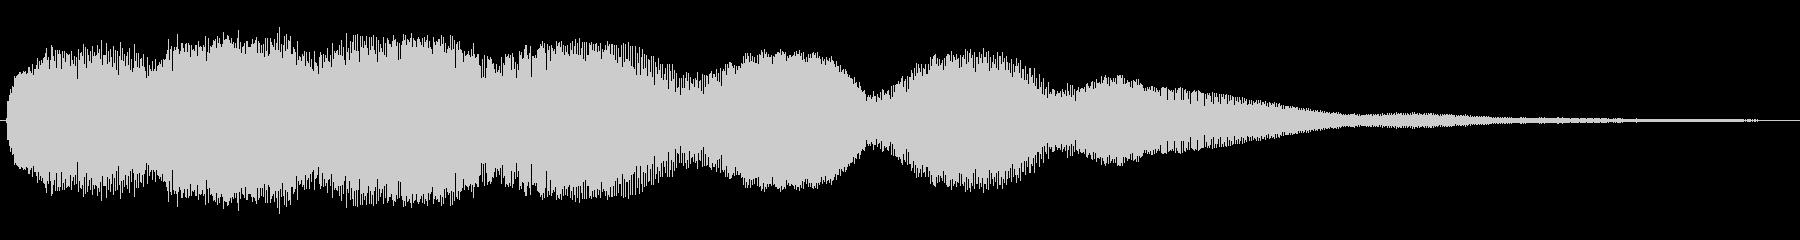 レトロPC起動ジャーン/長め和音ME7の未再生の波形